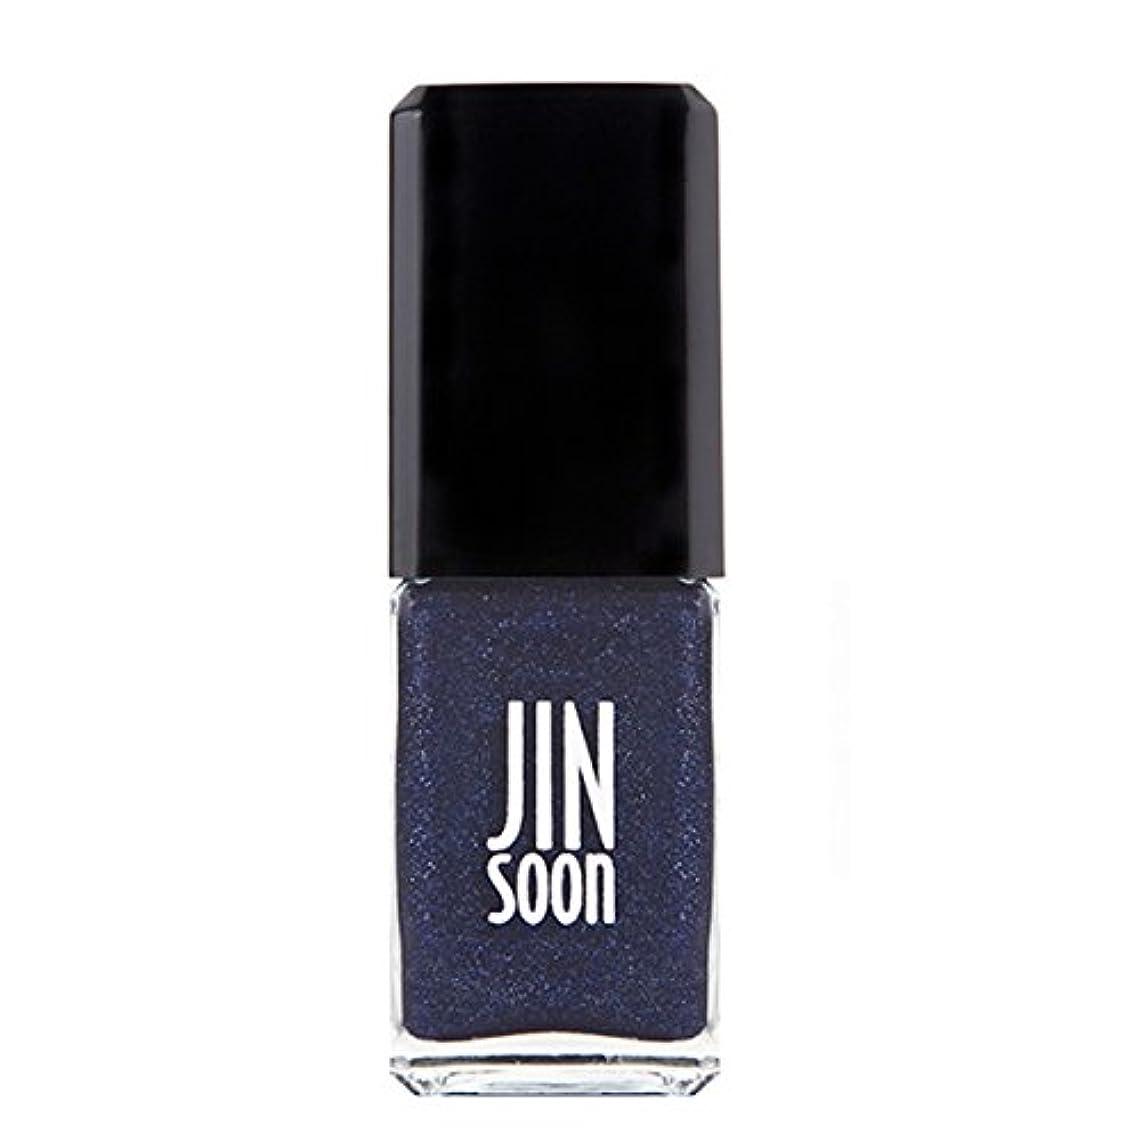 究極のドットビル[ジンスーン] [ jinsoon] アズライト(スパークリング ミッドナイト ブルー)AZURITE ジンスーン 5フリー ネイルポリッシュ ブルー 11mL